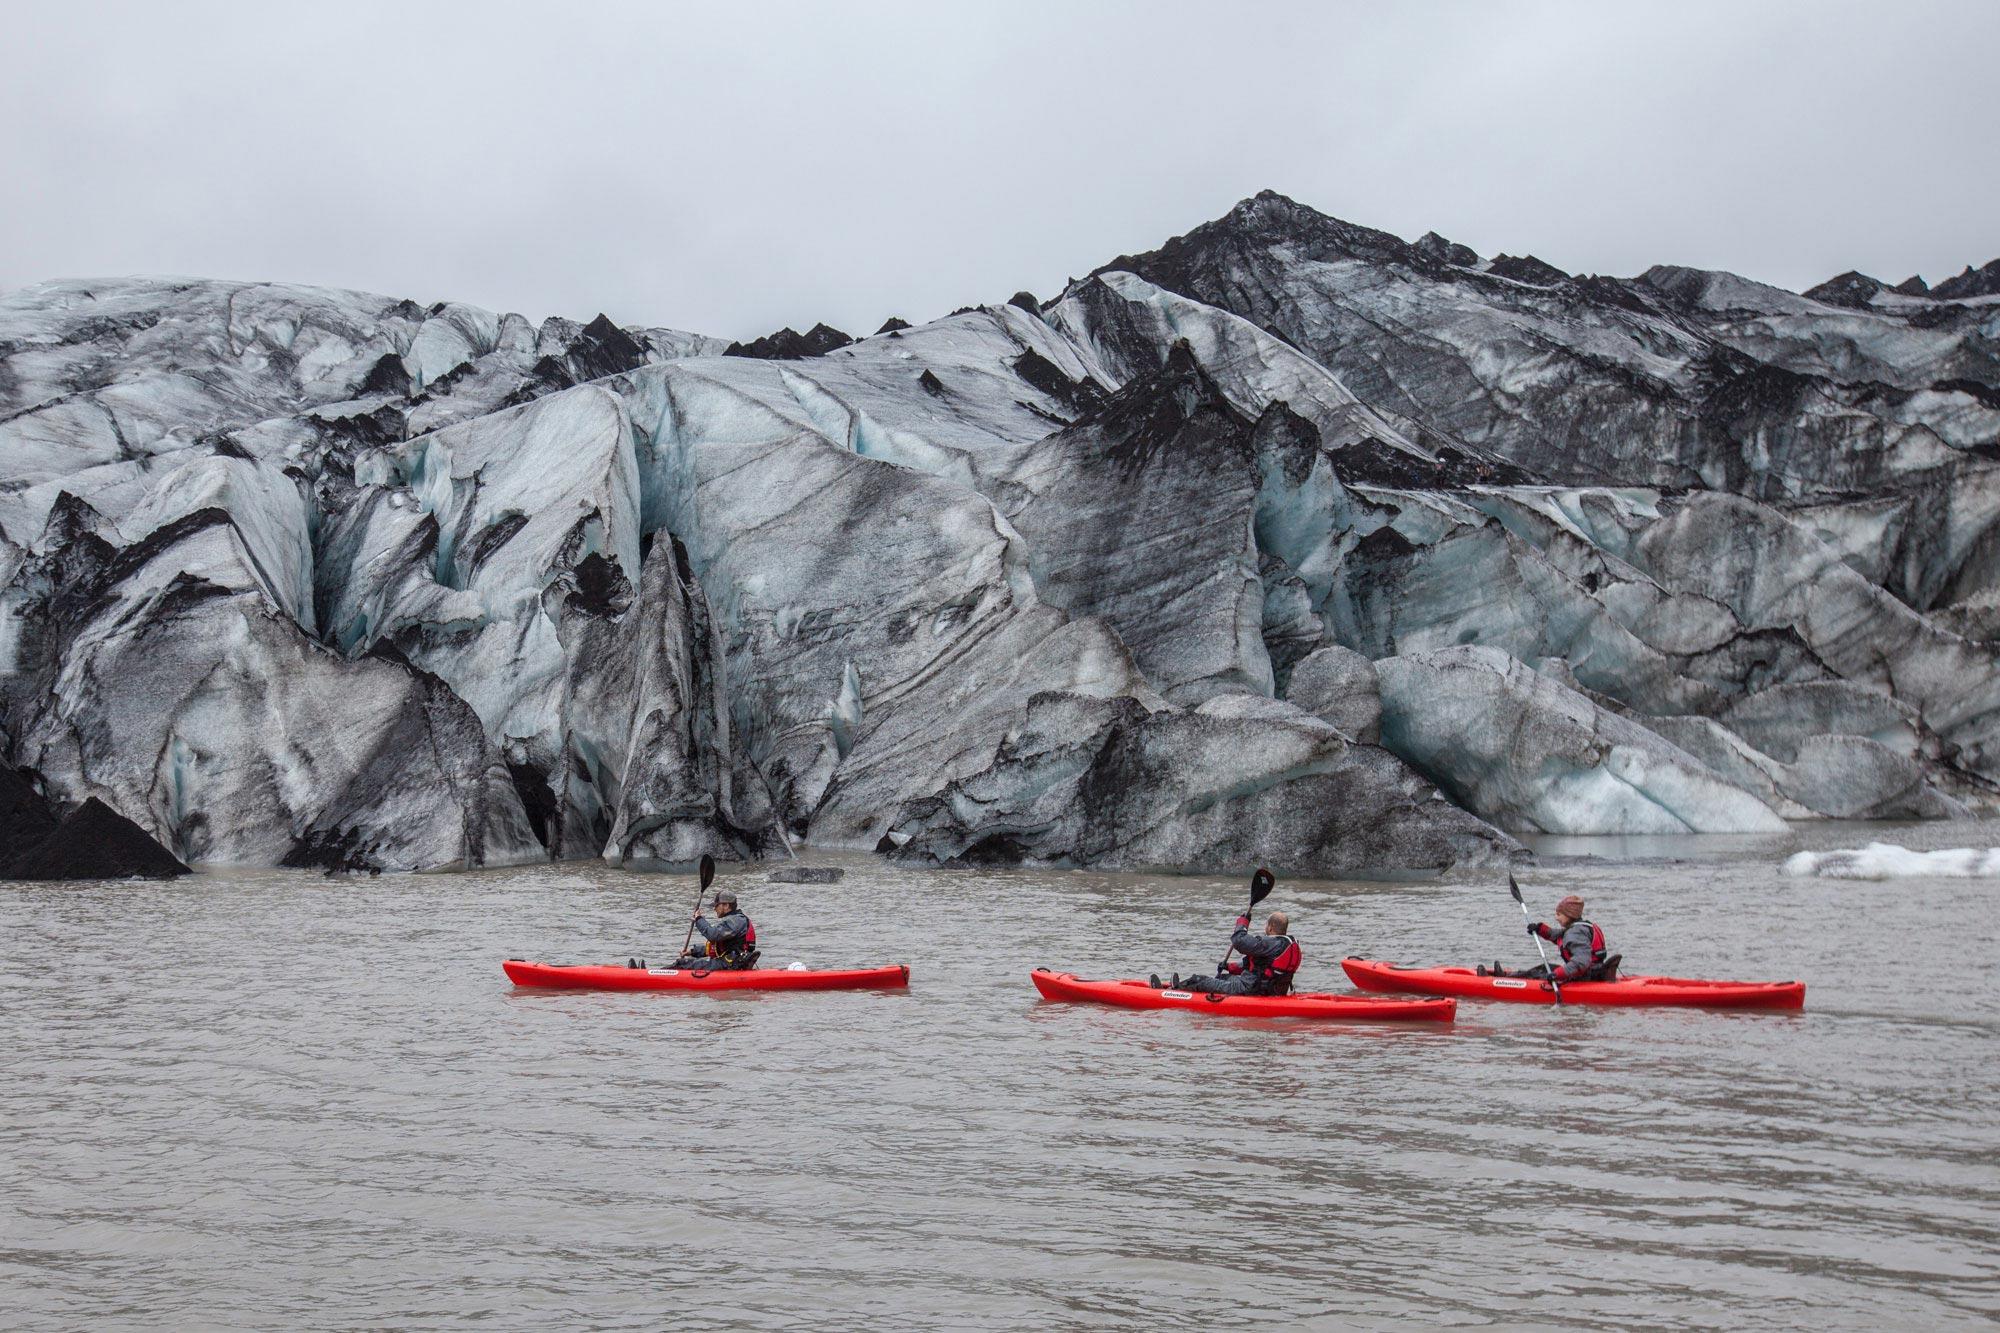 En esta increíble excursión por la Costa Sur, puedes navegar a lo largo de los icebergs en una laguna glaciar recién formada.